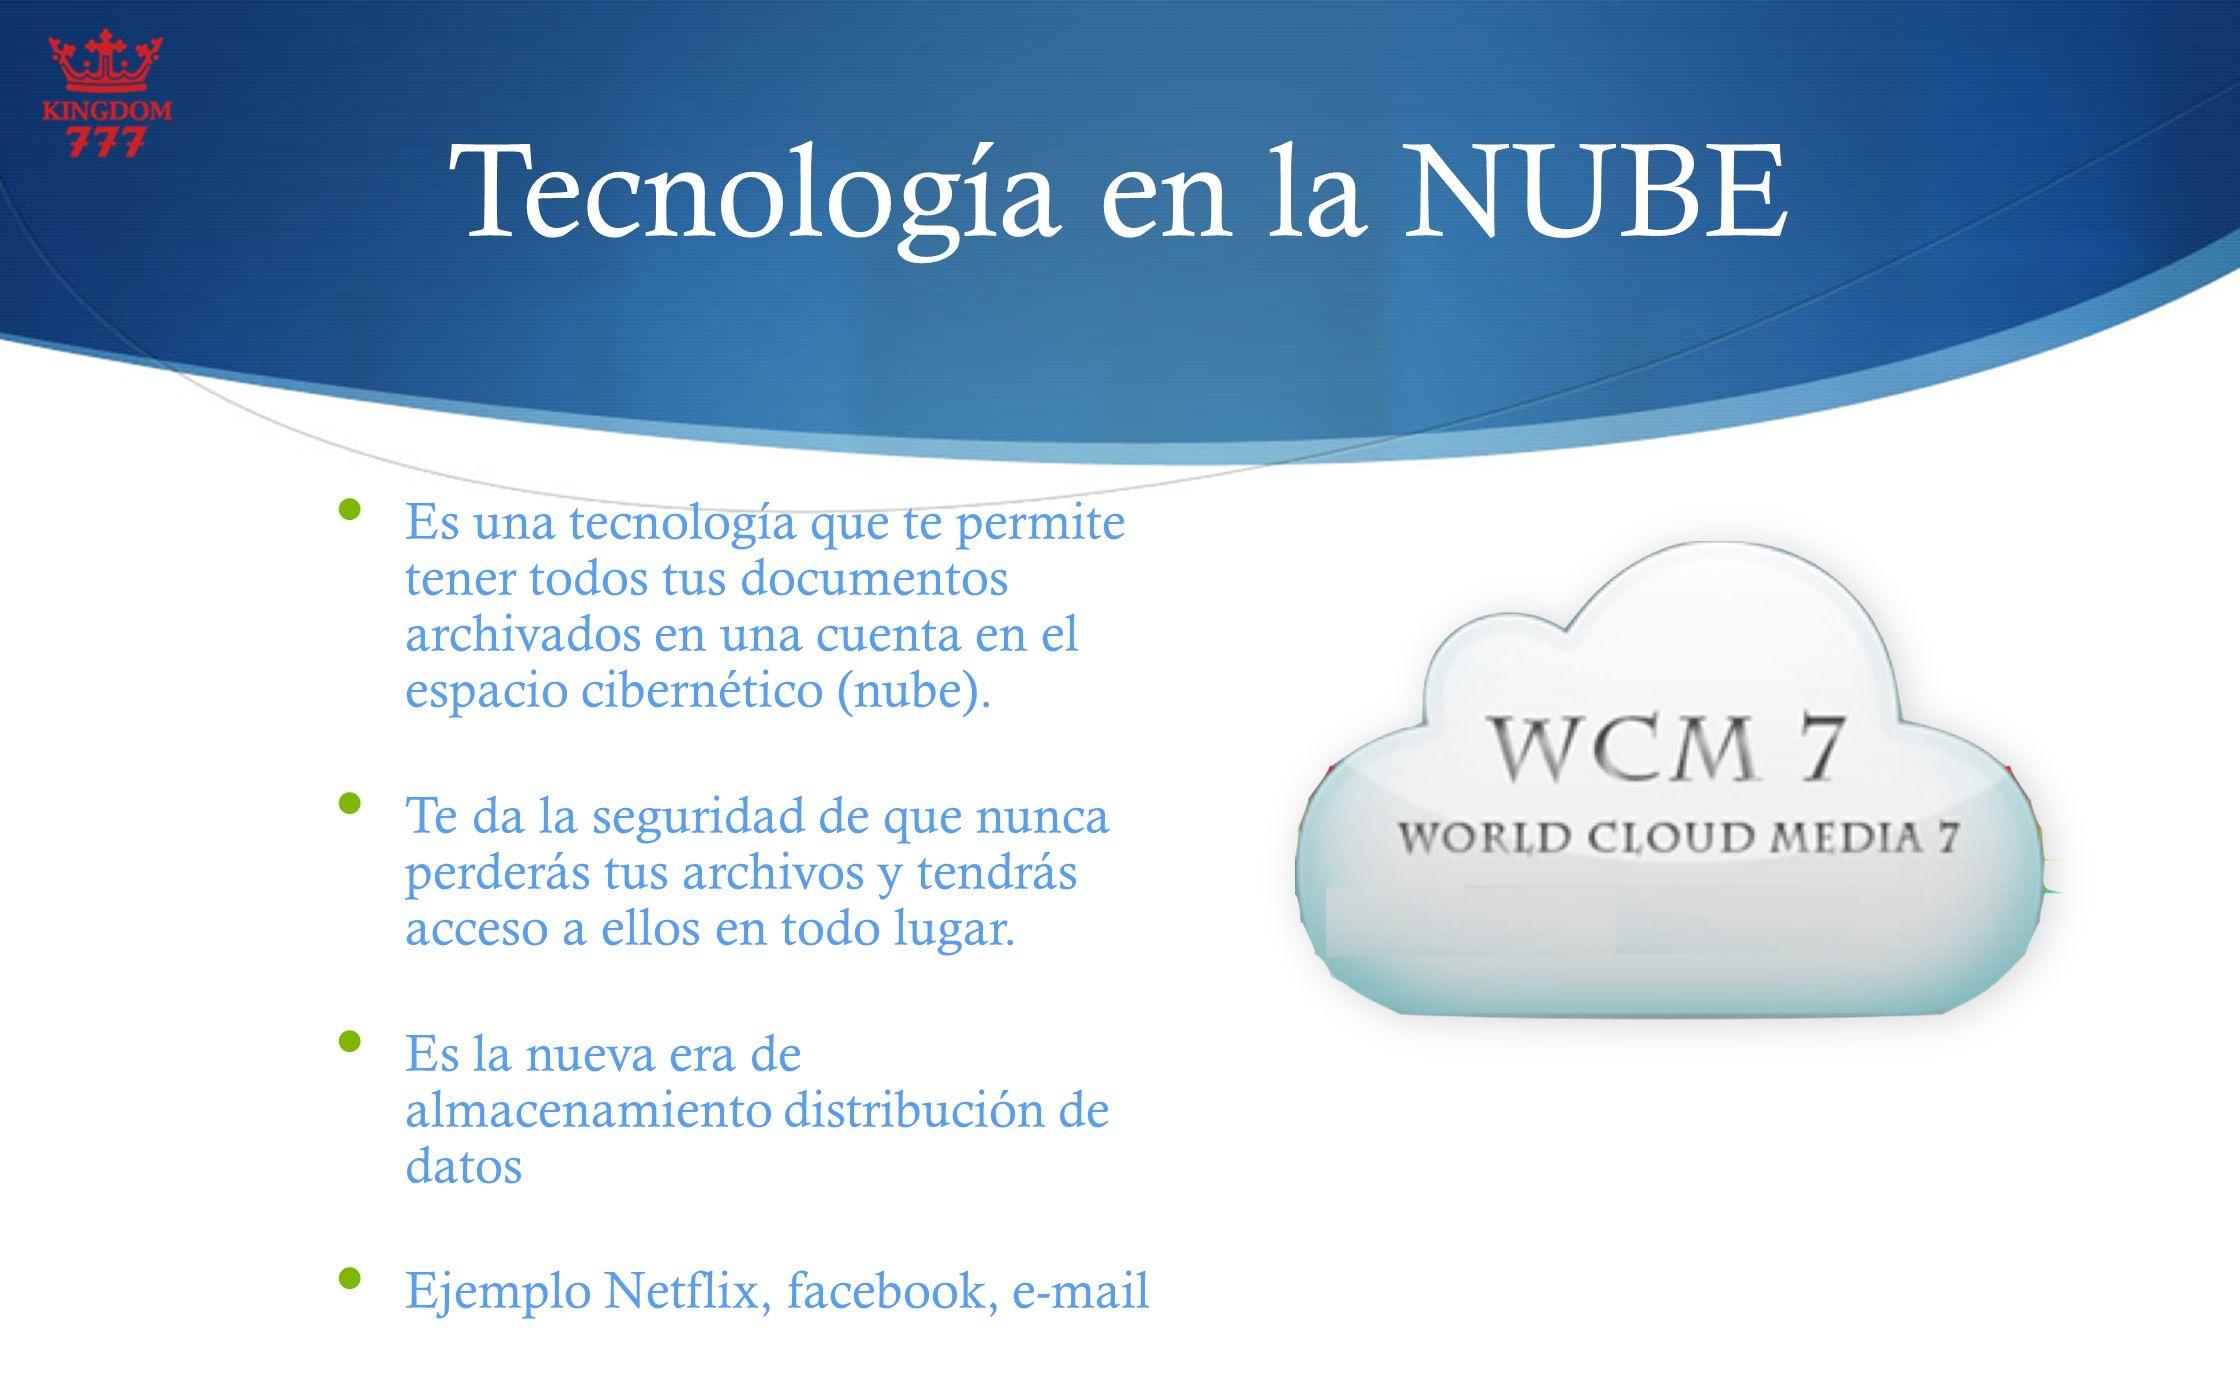 Tecnología en la NUBE Es una tecnología que te permite tener todos tus documentos archivados en una cuenta en el espacio cibernético (nube). Te da la